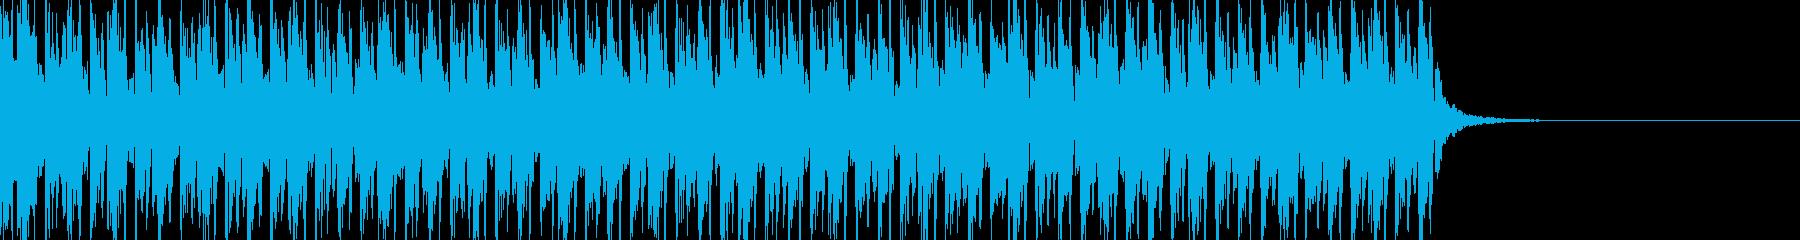 敵に対峙した時をイメージの再生済みの波形